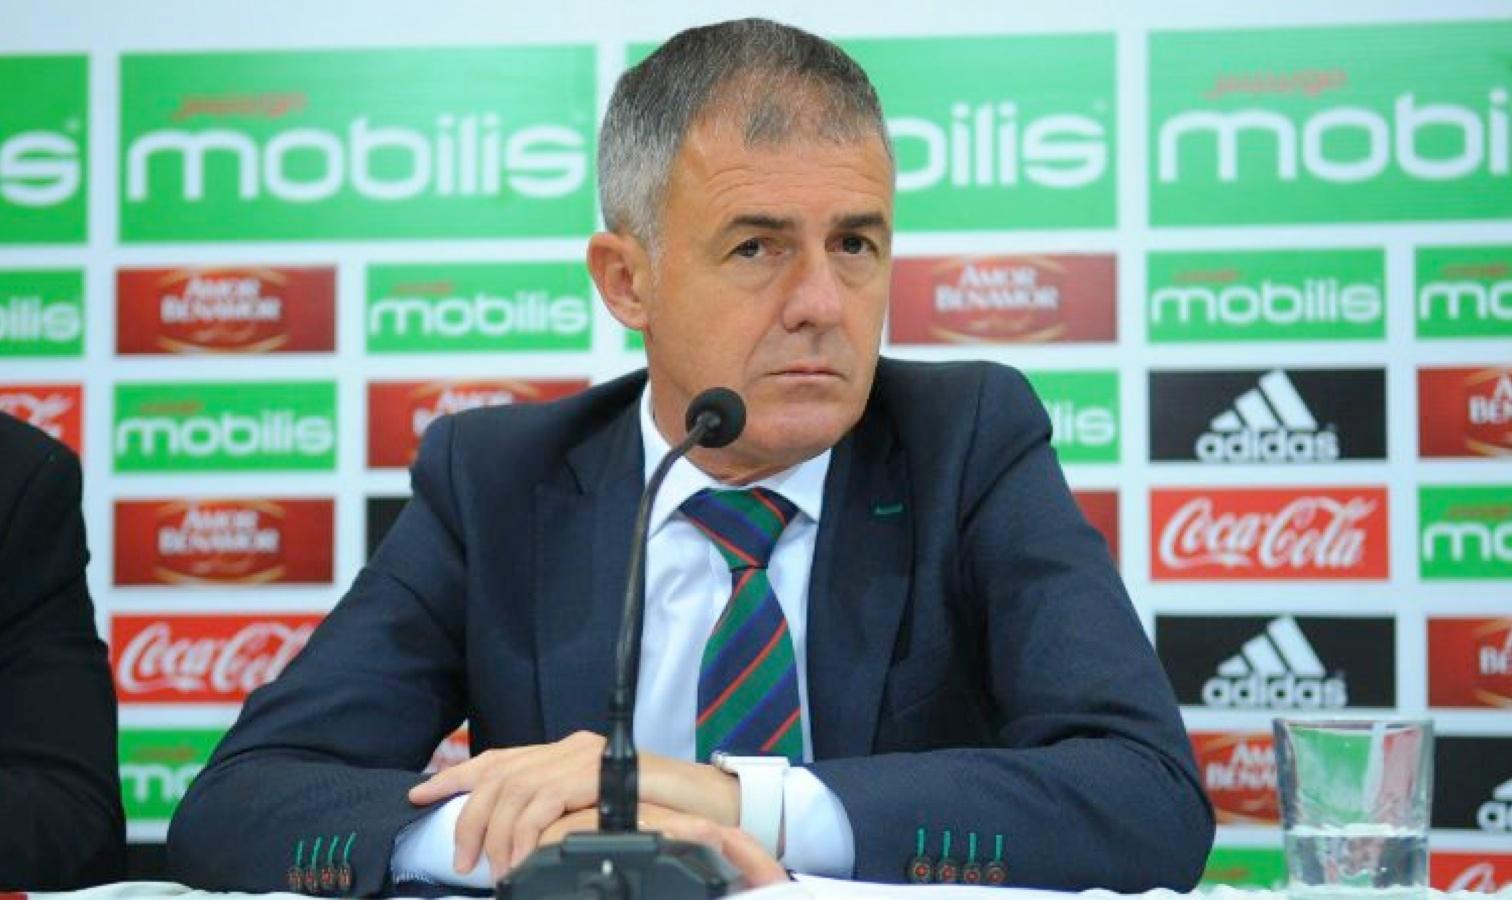 Le nouveau sélectionneur Lucas Alcaraz réussit sa première sortie médiatique — Algérie